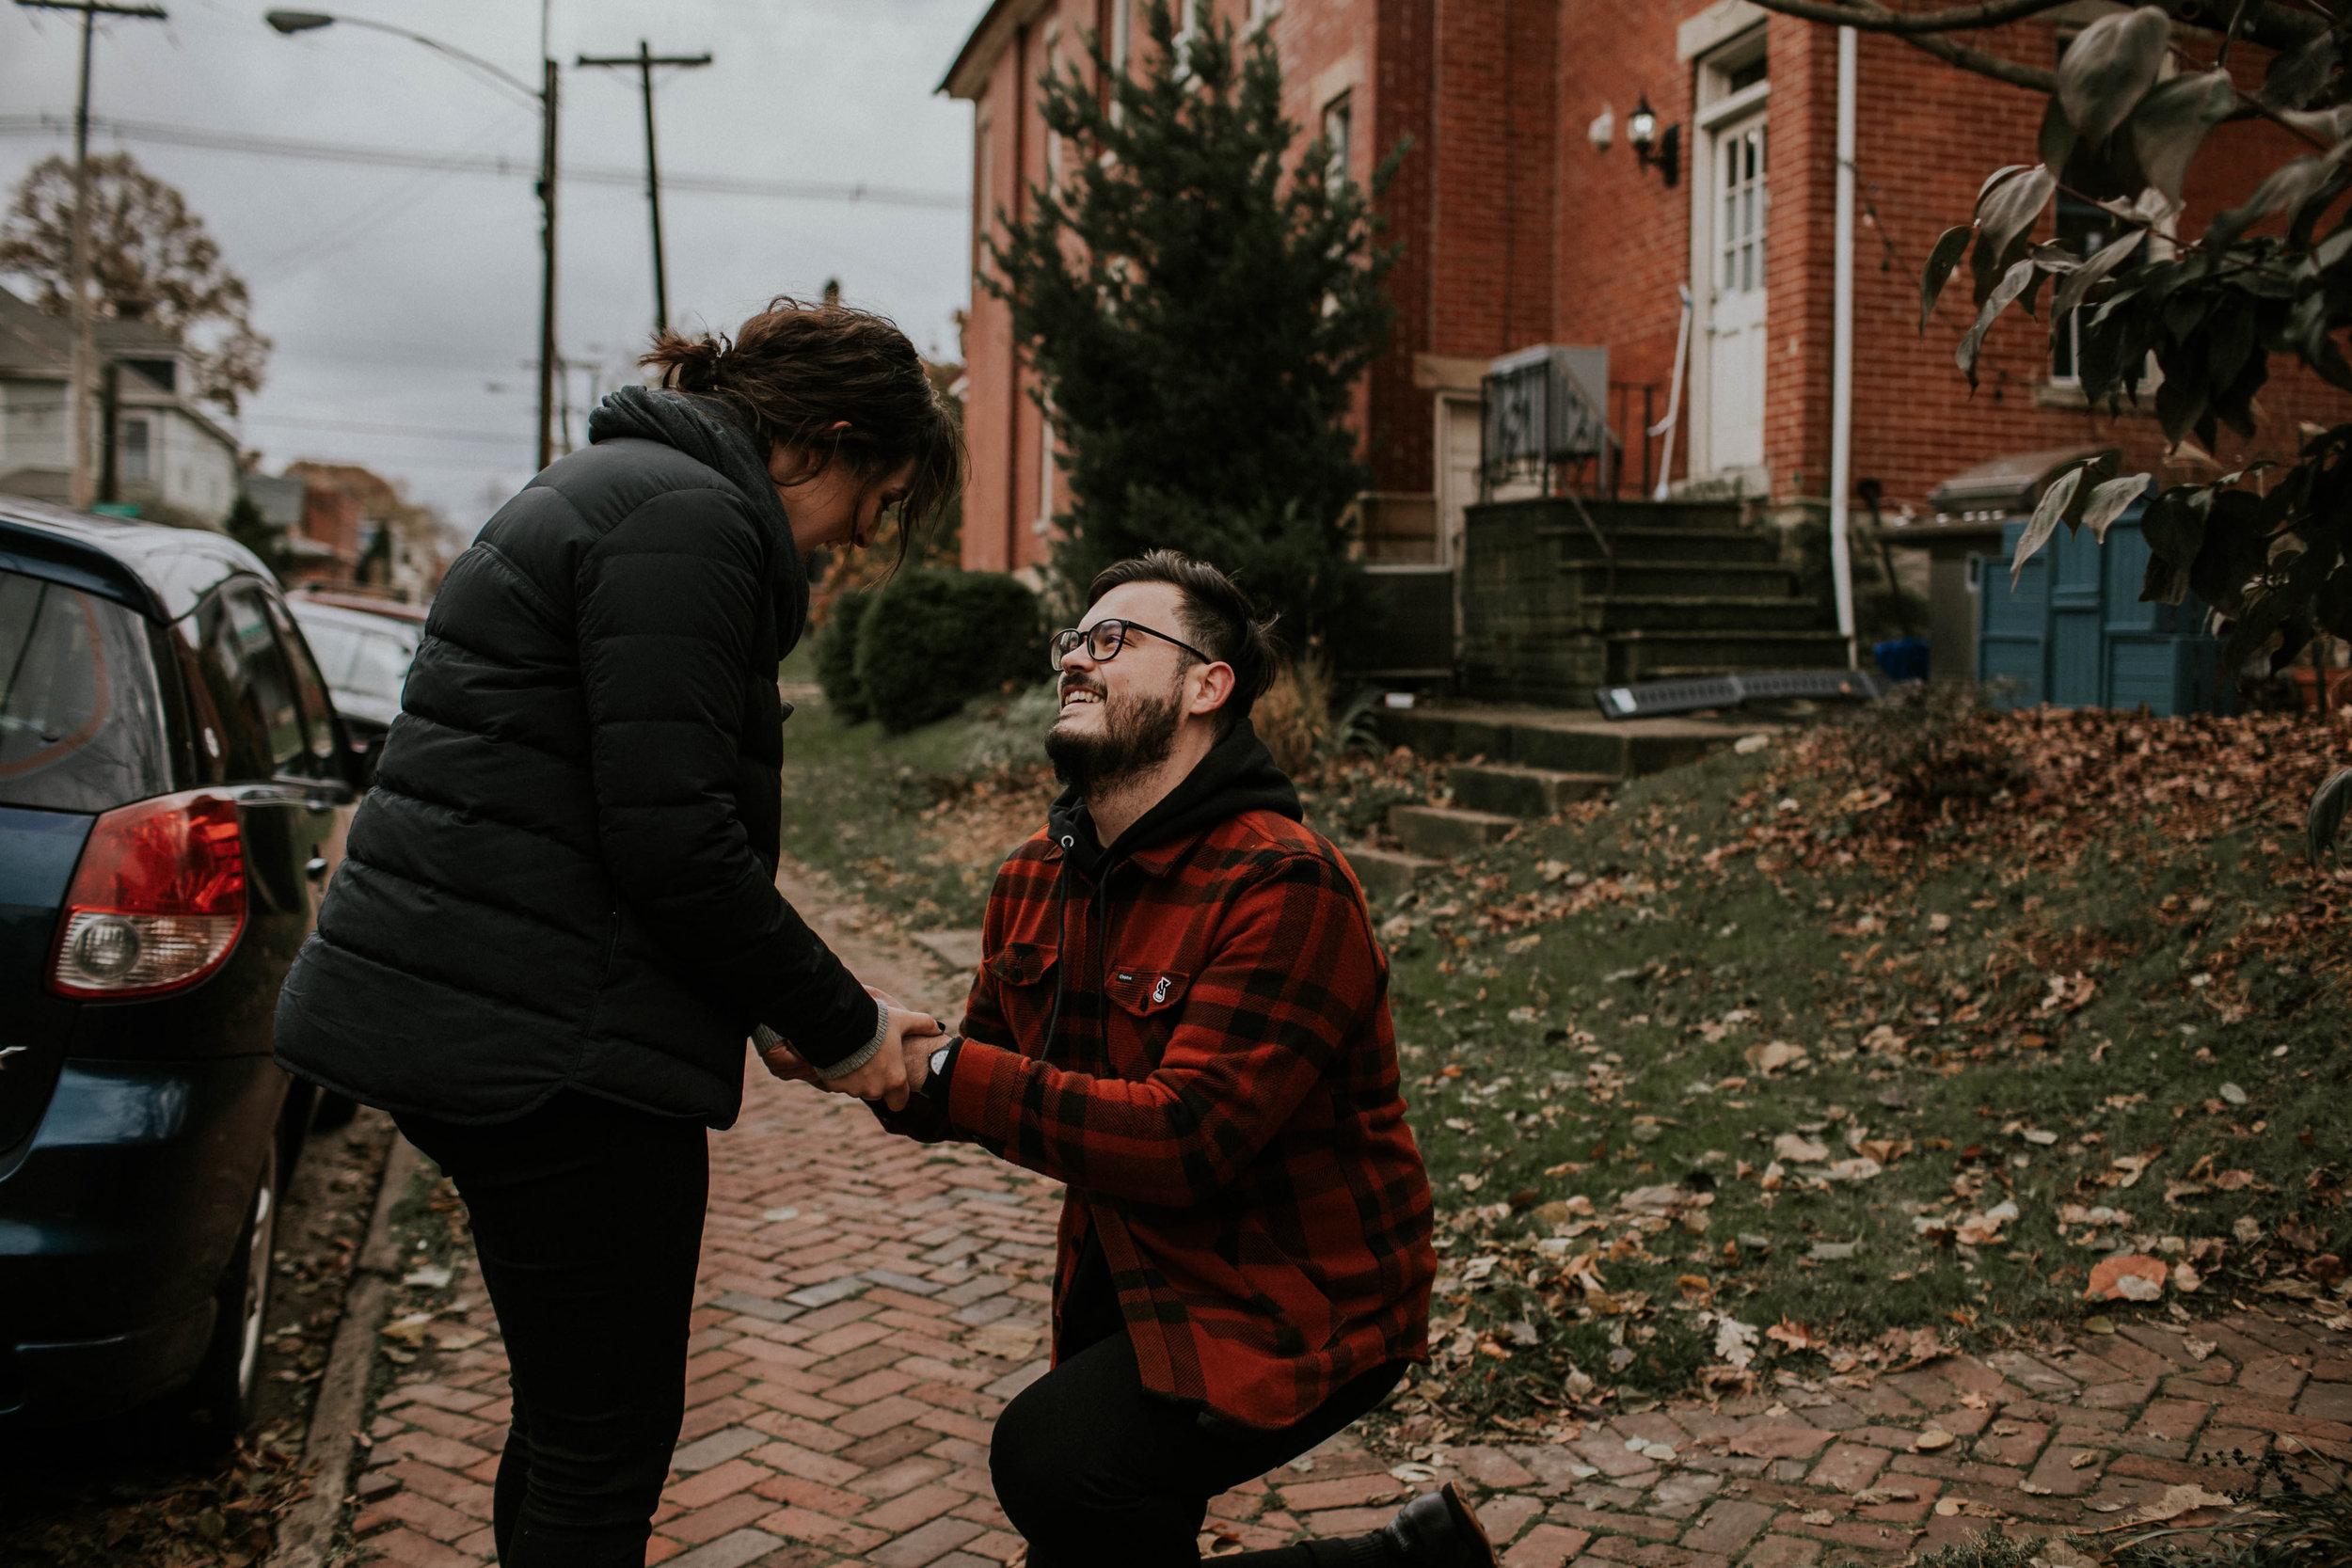 Columbus+Ohio+surprise+engagement+photos+grace+e+jones+photography+97.jpg